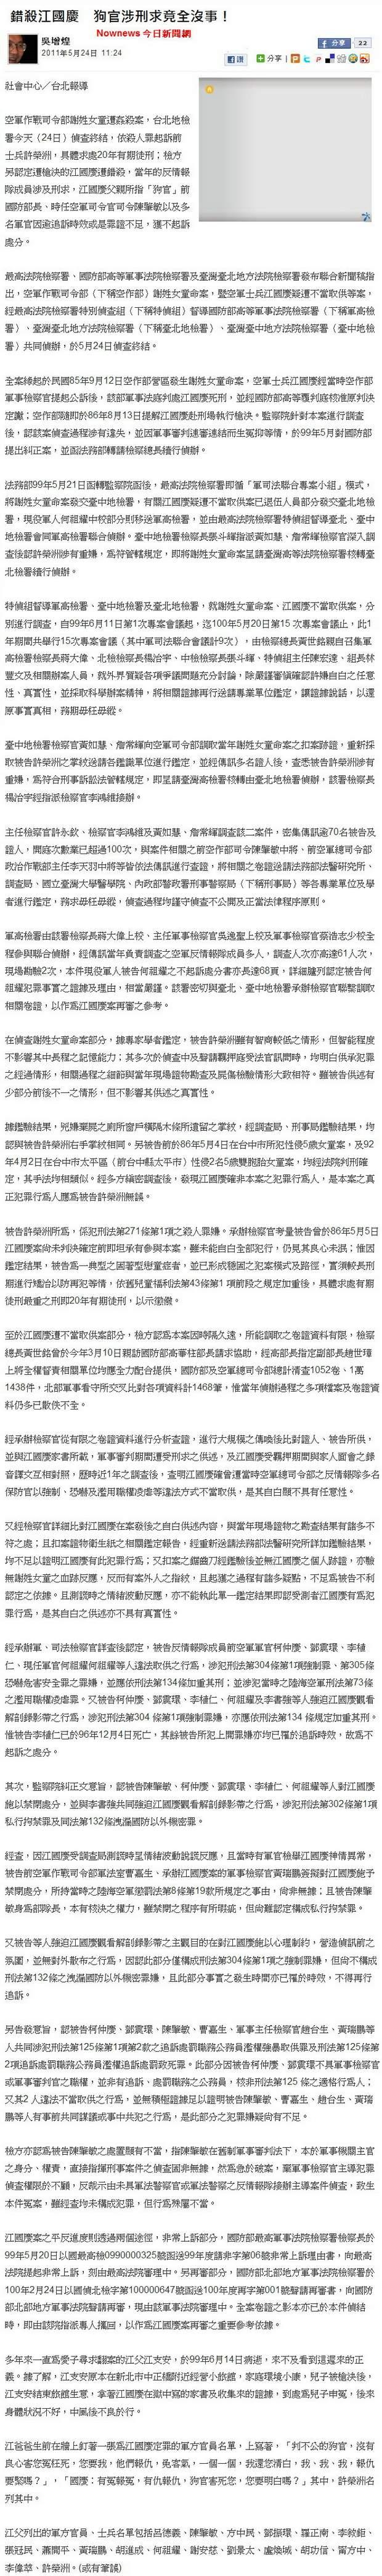 錯殺江國慶 狗官涉刑求竟全沒事!-2011.05.24-2.jpg